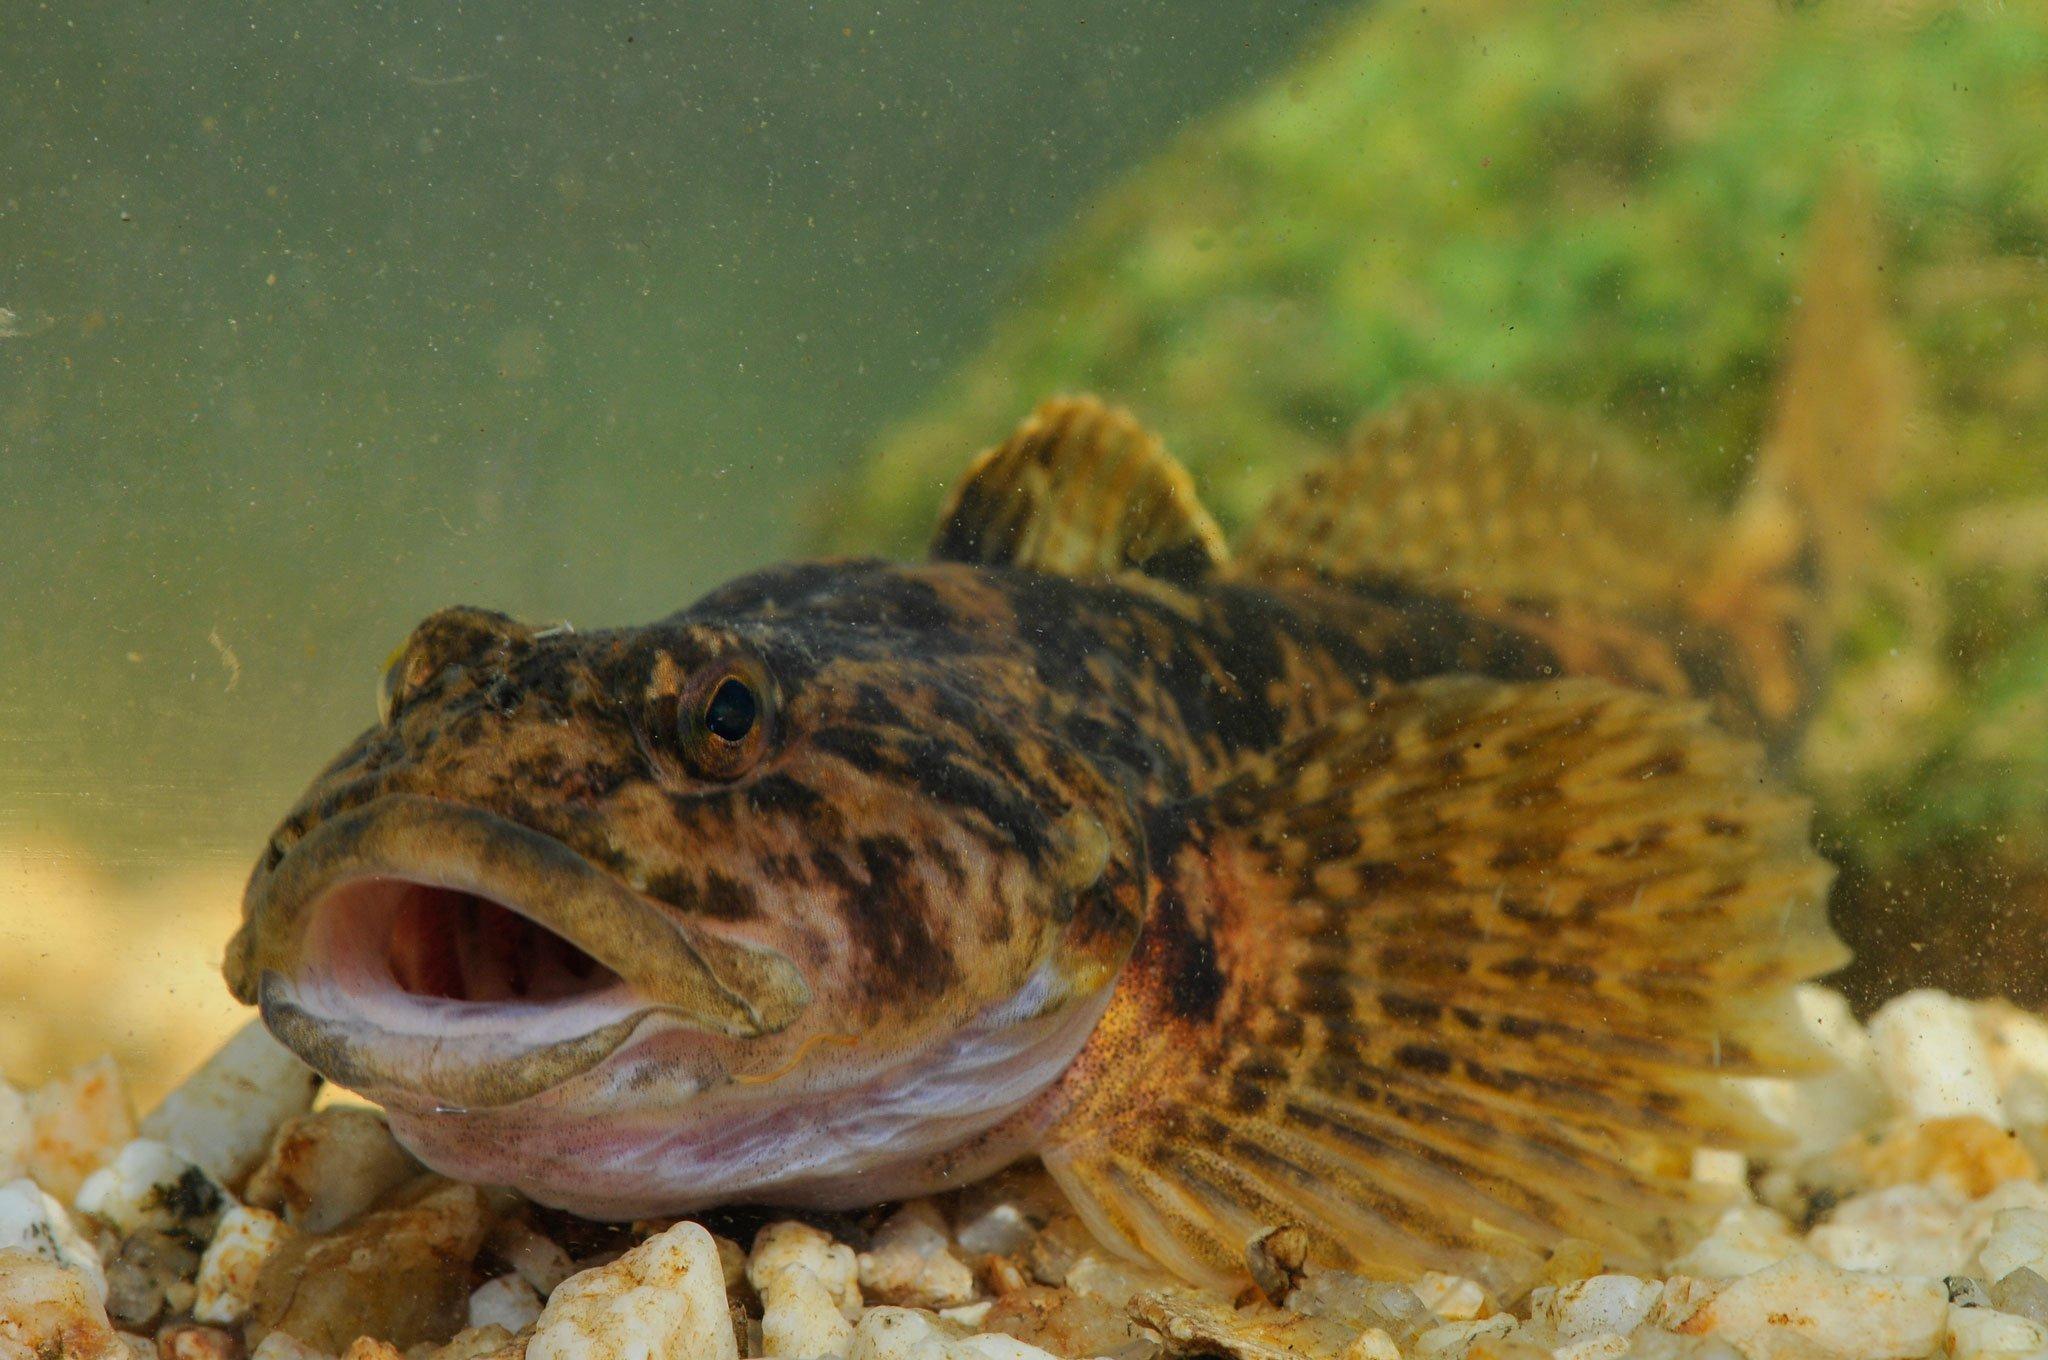 Ein Fisch der Art Koppe mit offenem Maul im Fluss auf Kiesgrund.